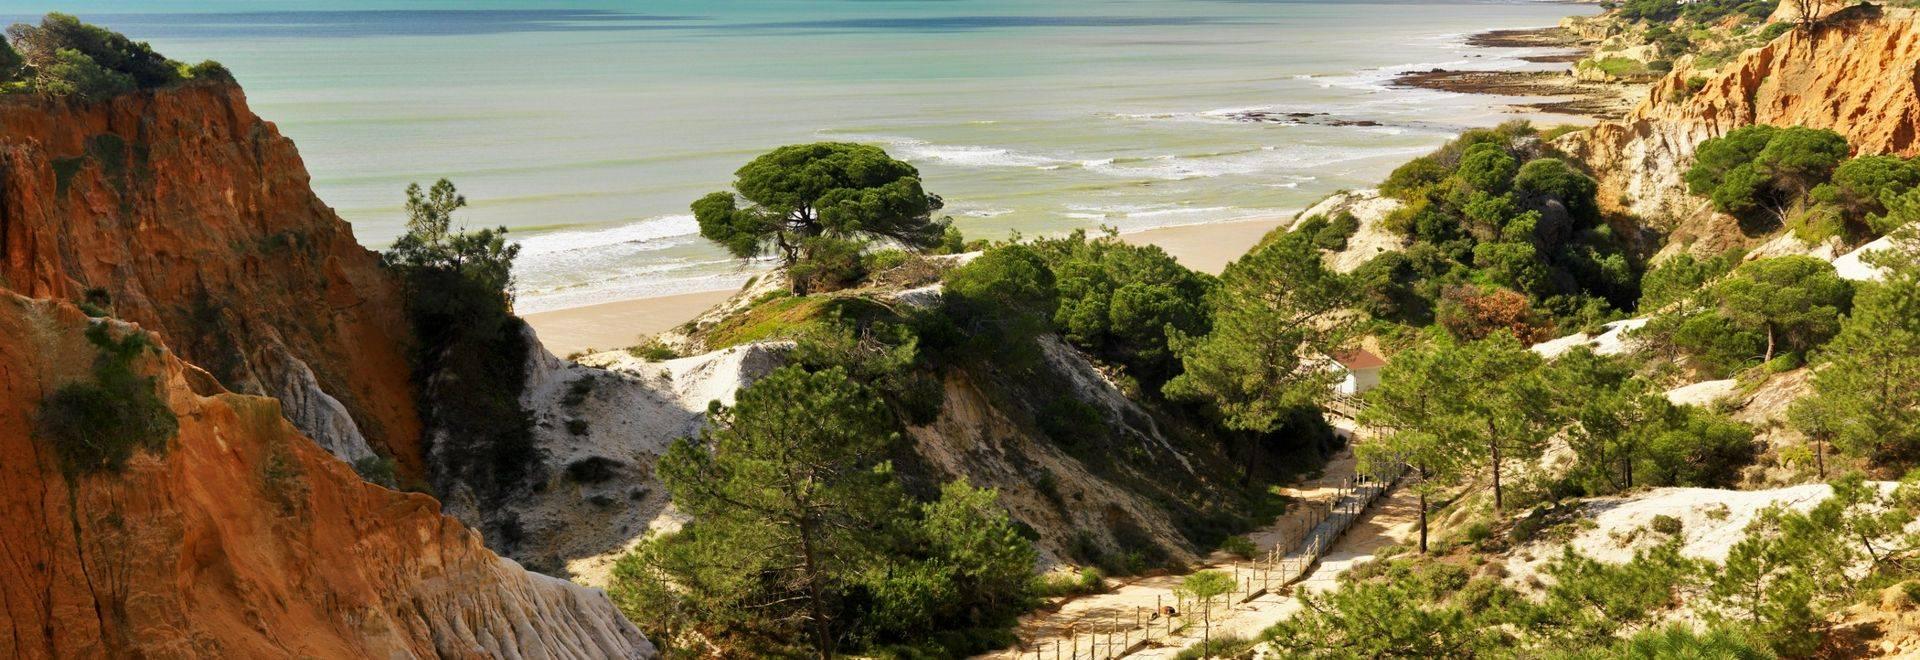 Pine-Cliffs-Praia-da-Falesia-beach.jpg